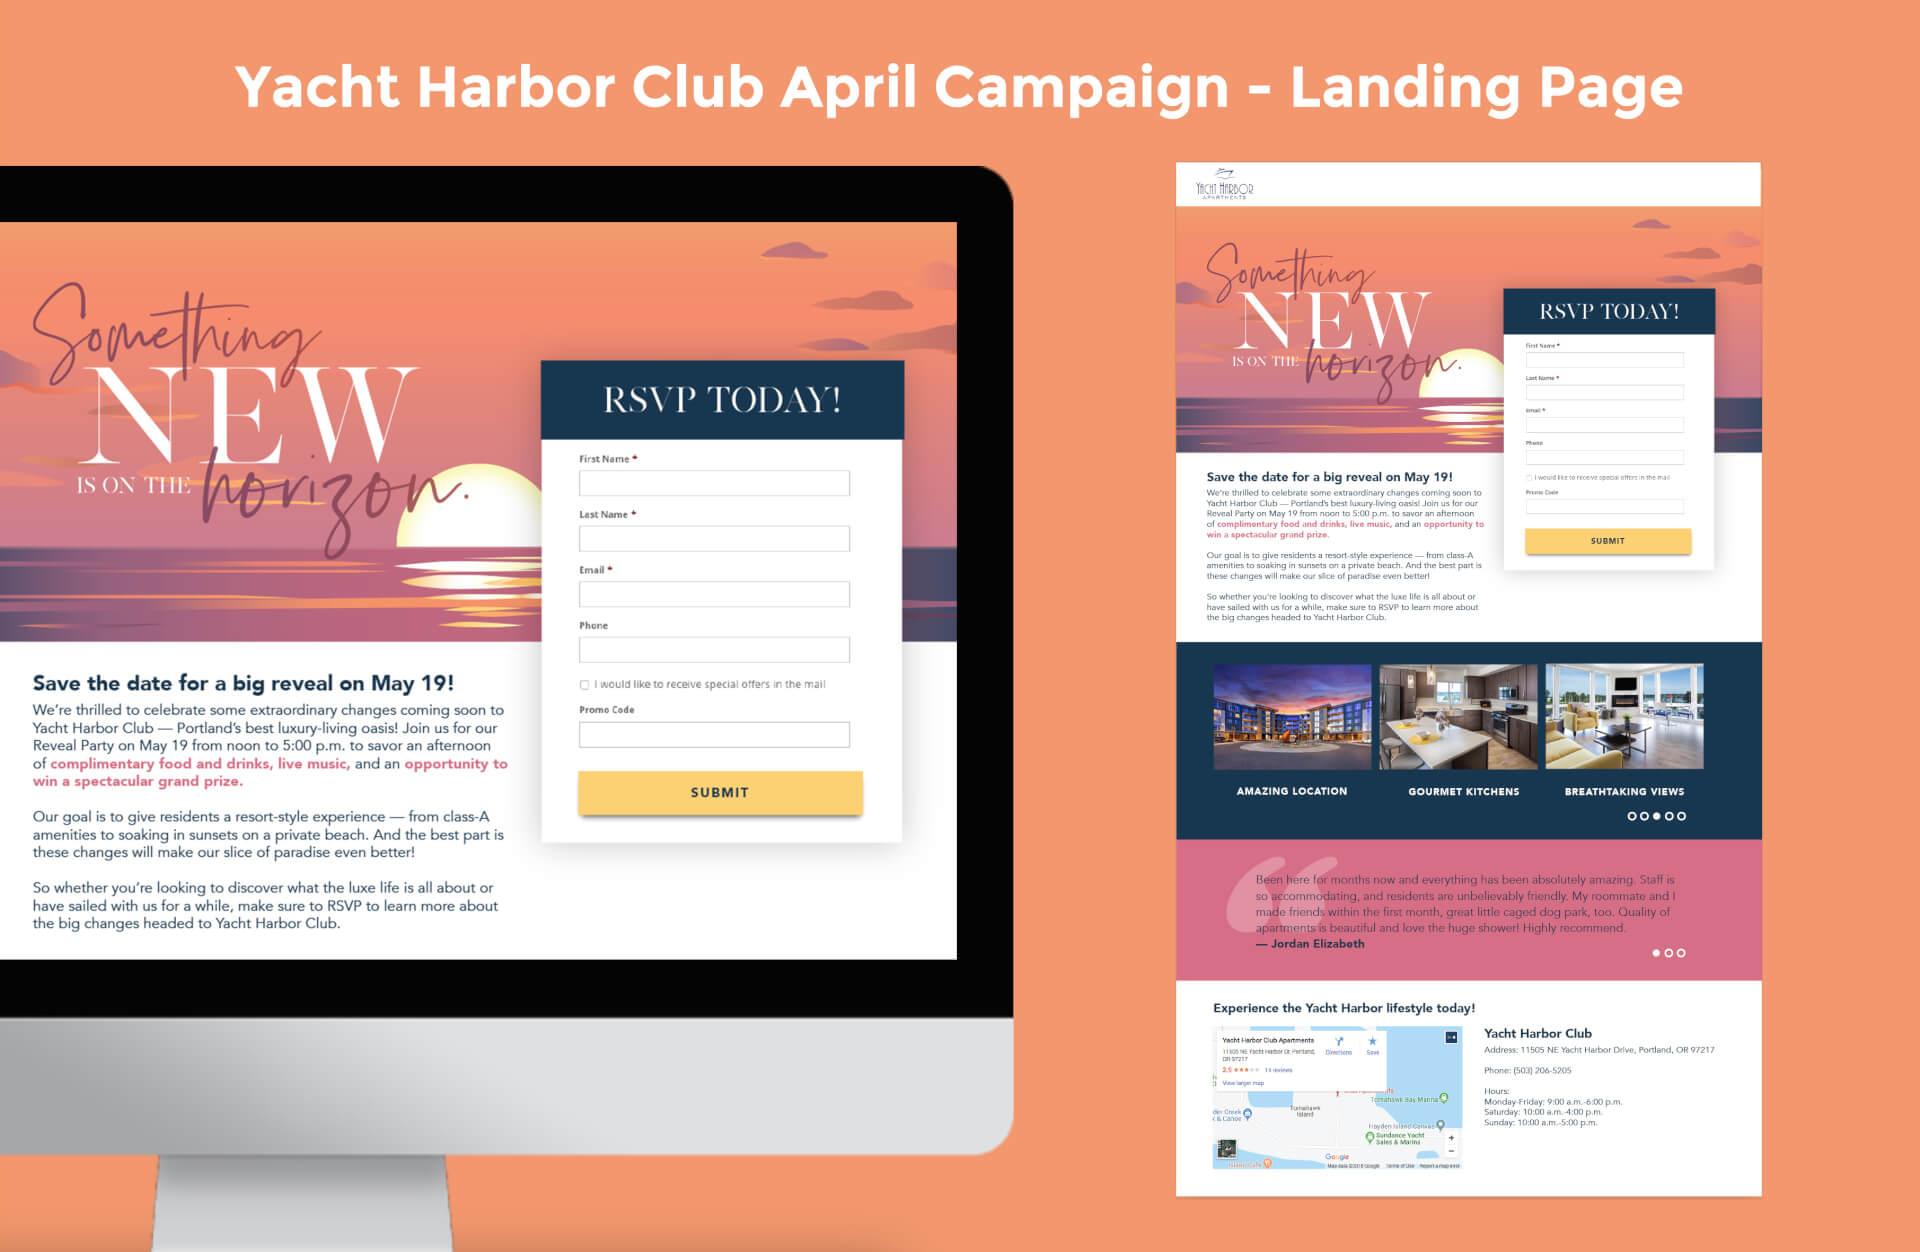 Yacht Harbor Club April Campaign LandingPage